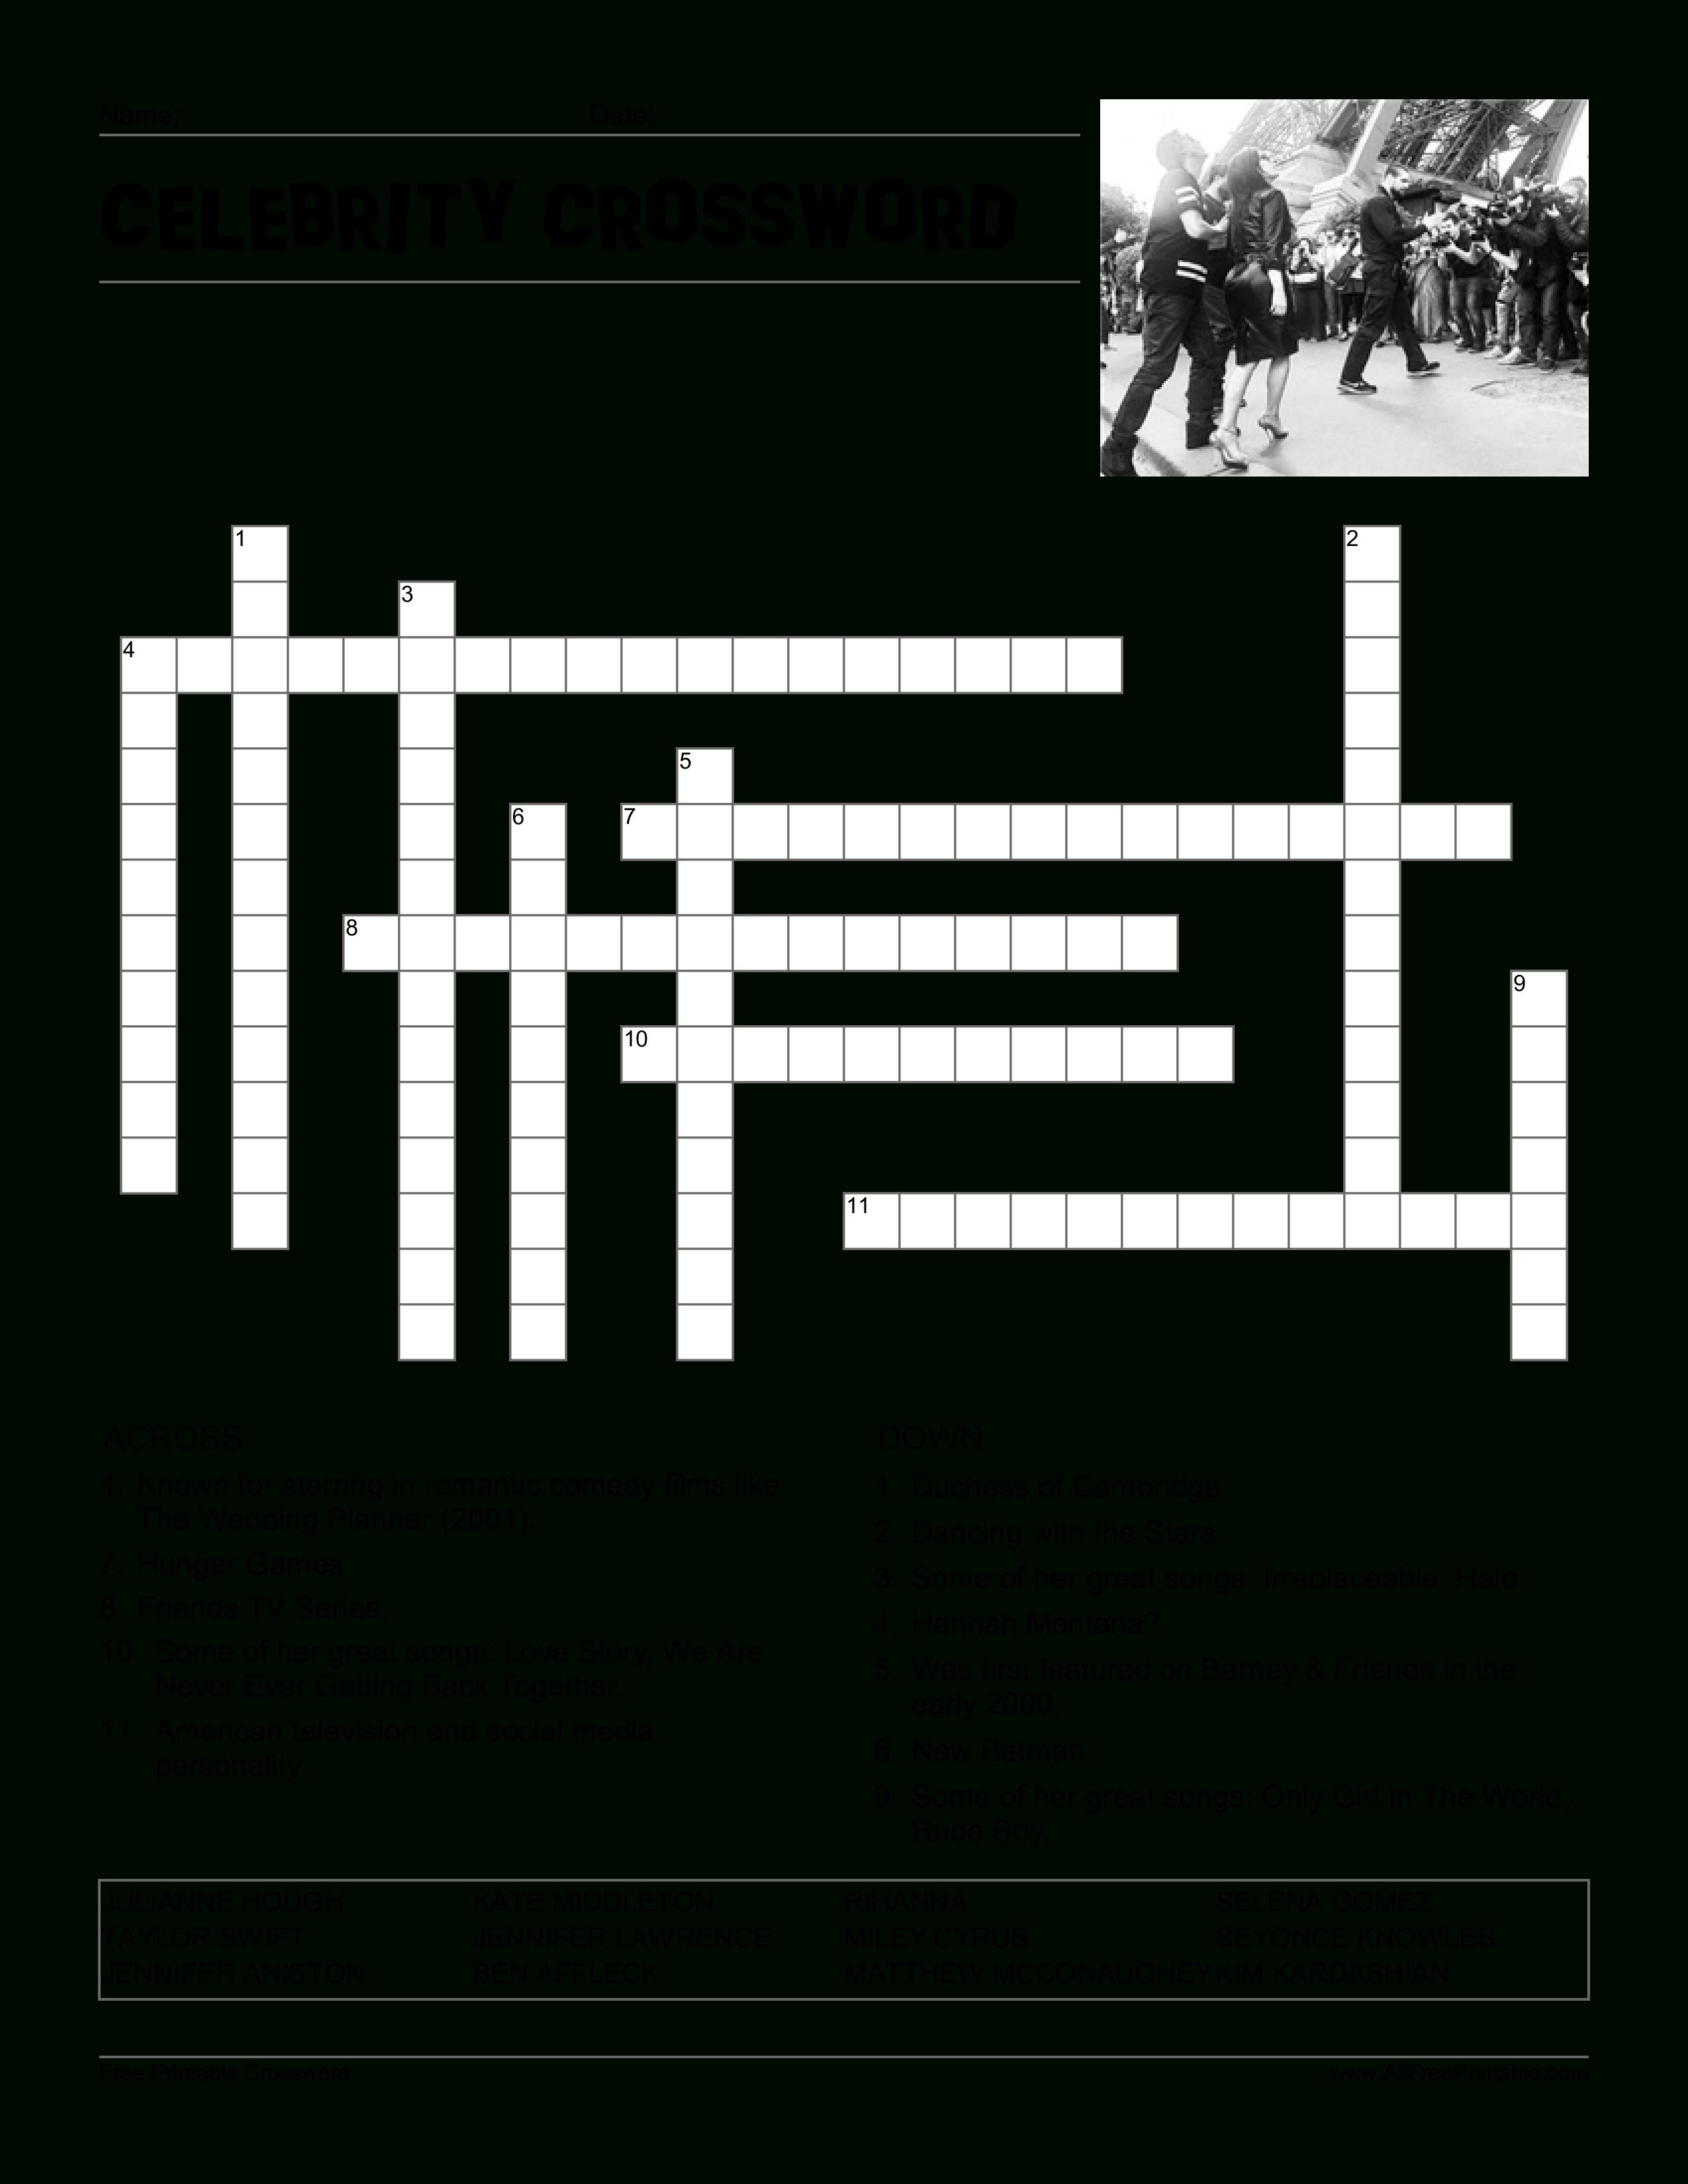 Kostenloses Celebrity Crossword Puzzle - Printable Celebrity Crossword Puzzles Online